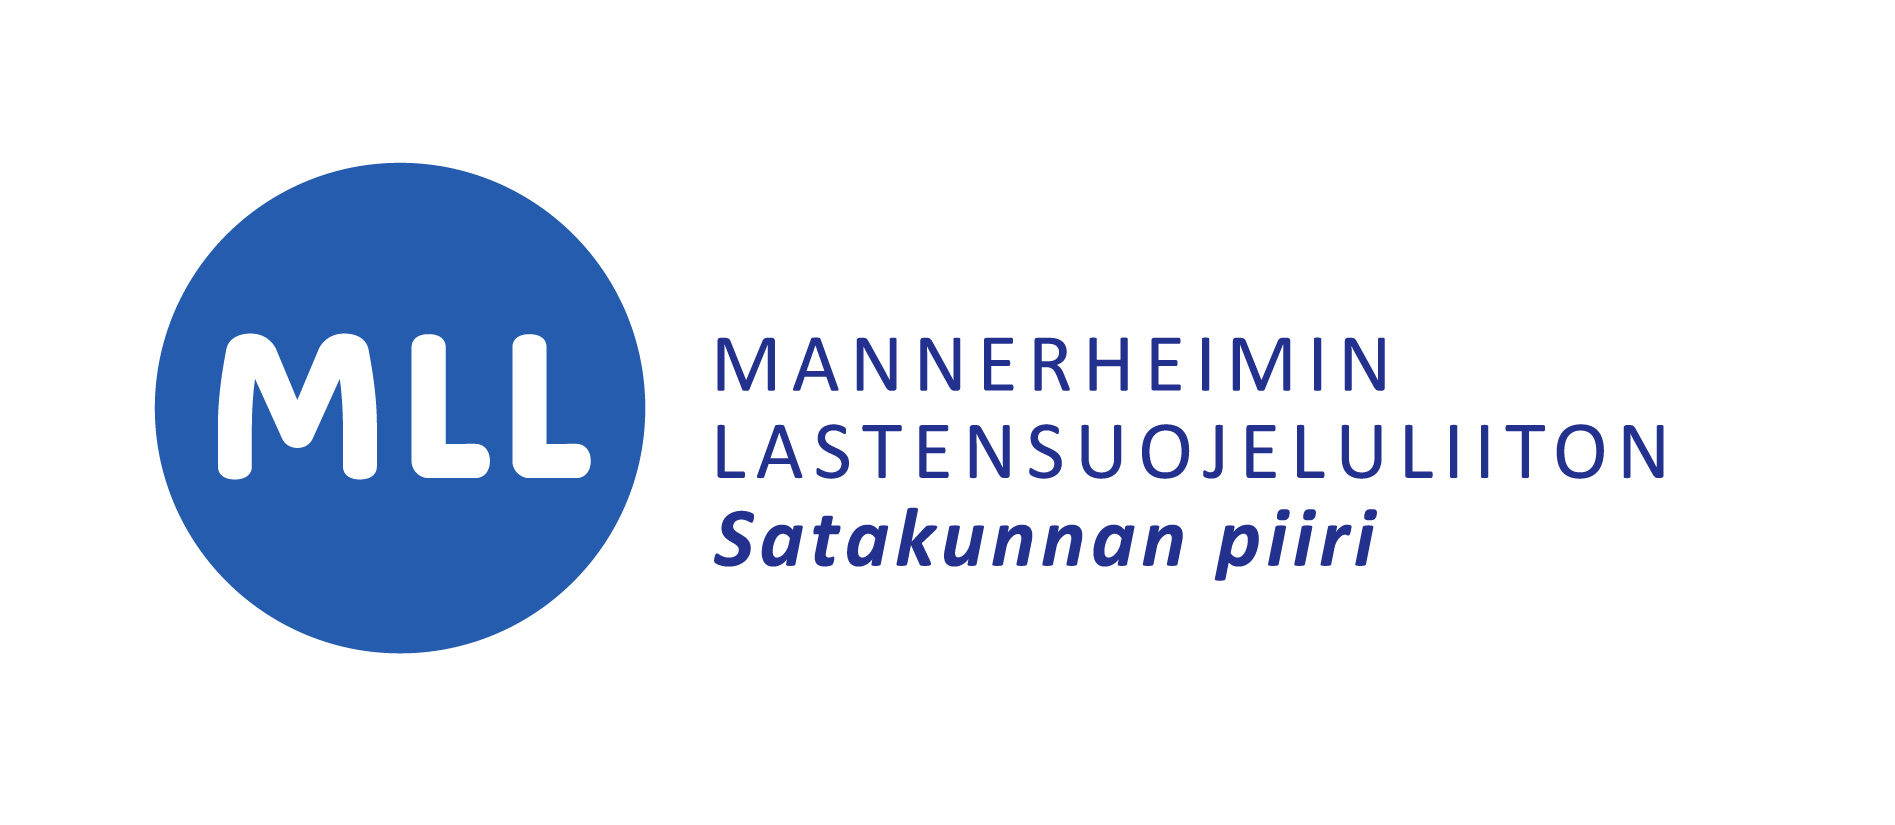 Mannerheimin lastensuojeluliitto Satakunnan piiri ry